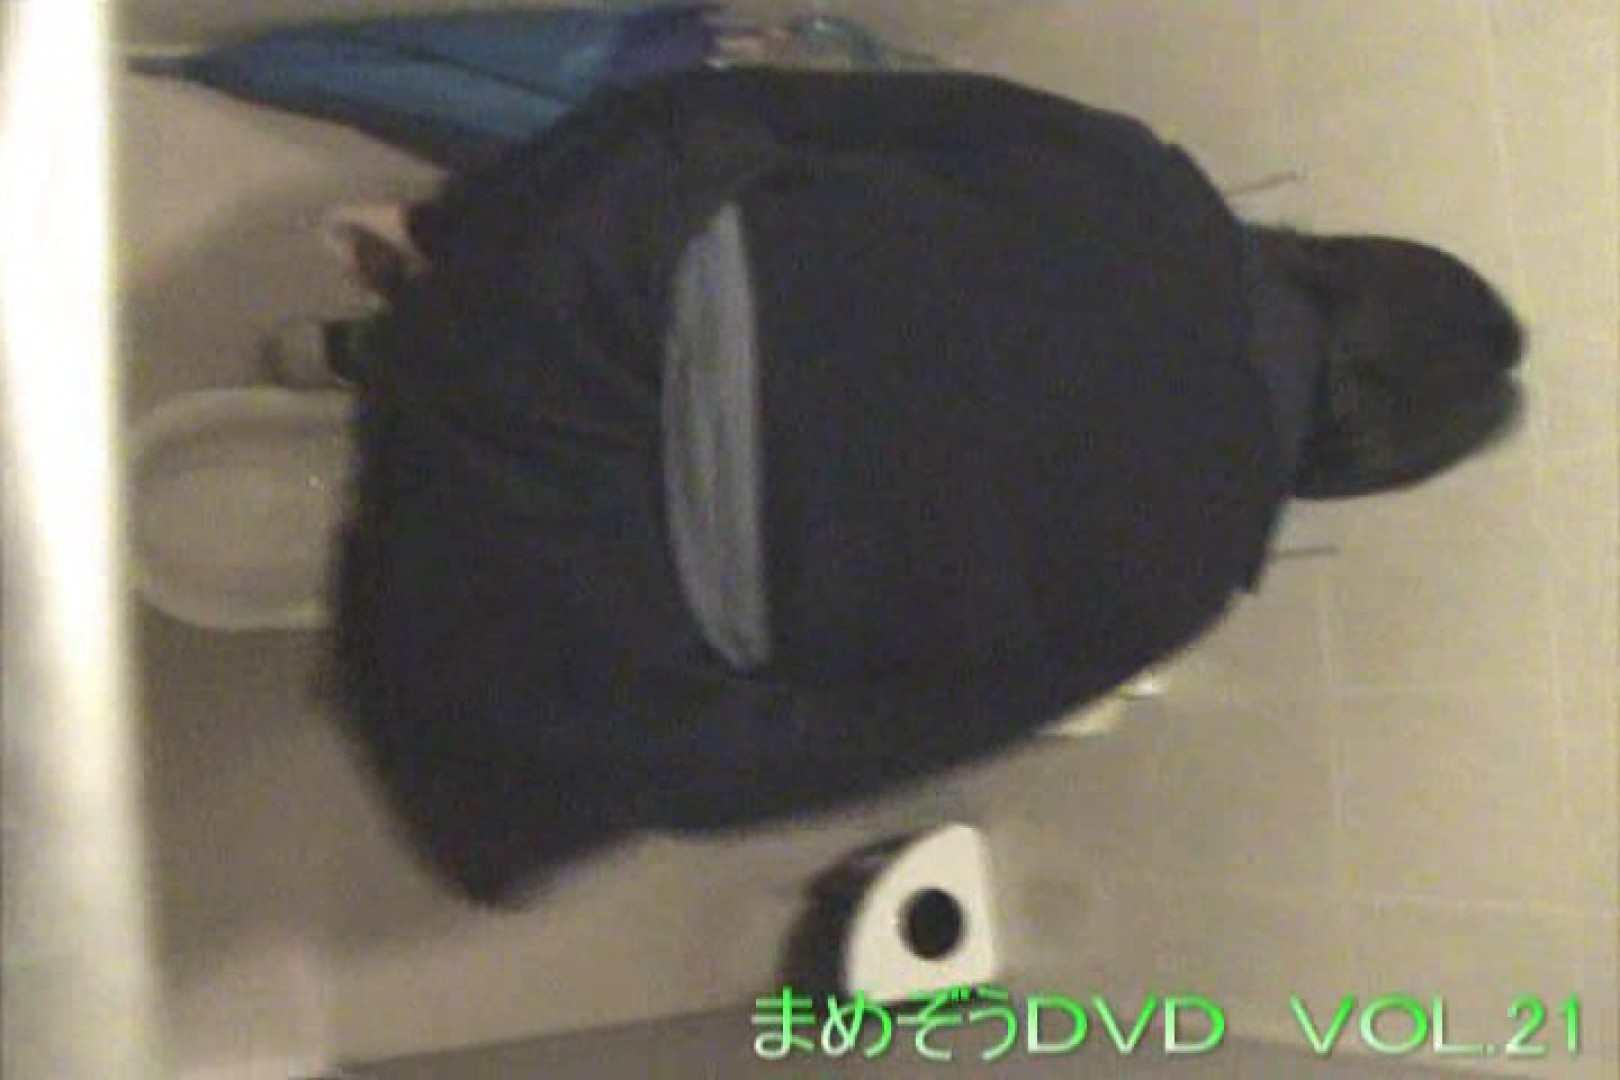 まめぞうDVD完全版VOL.21 洗面所 | ギャル攻め  91画像 45